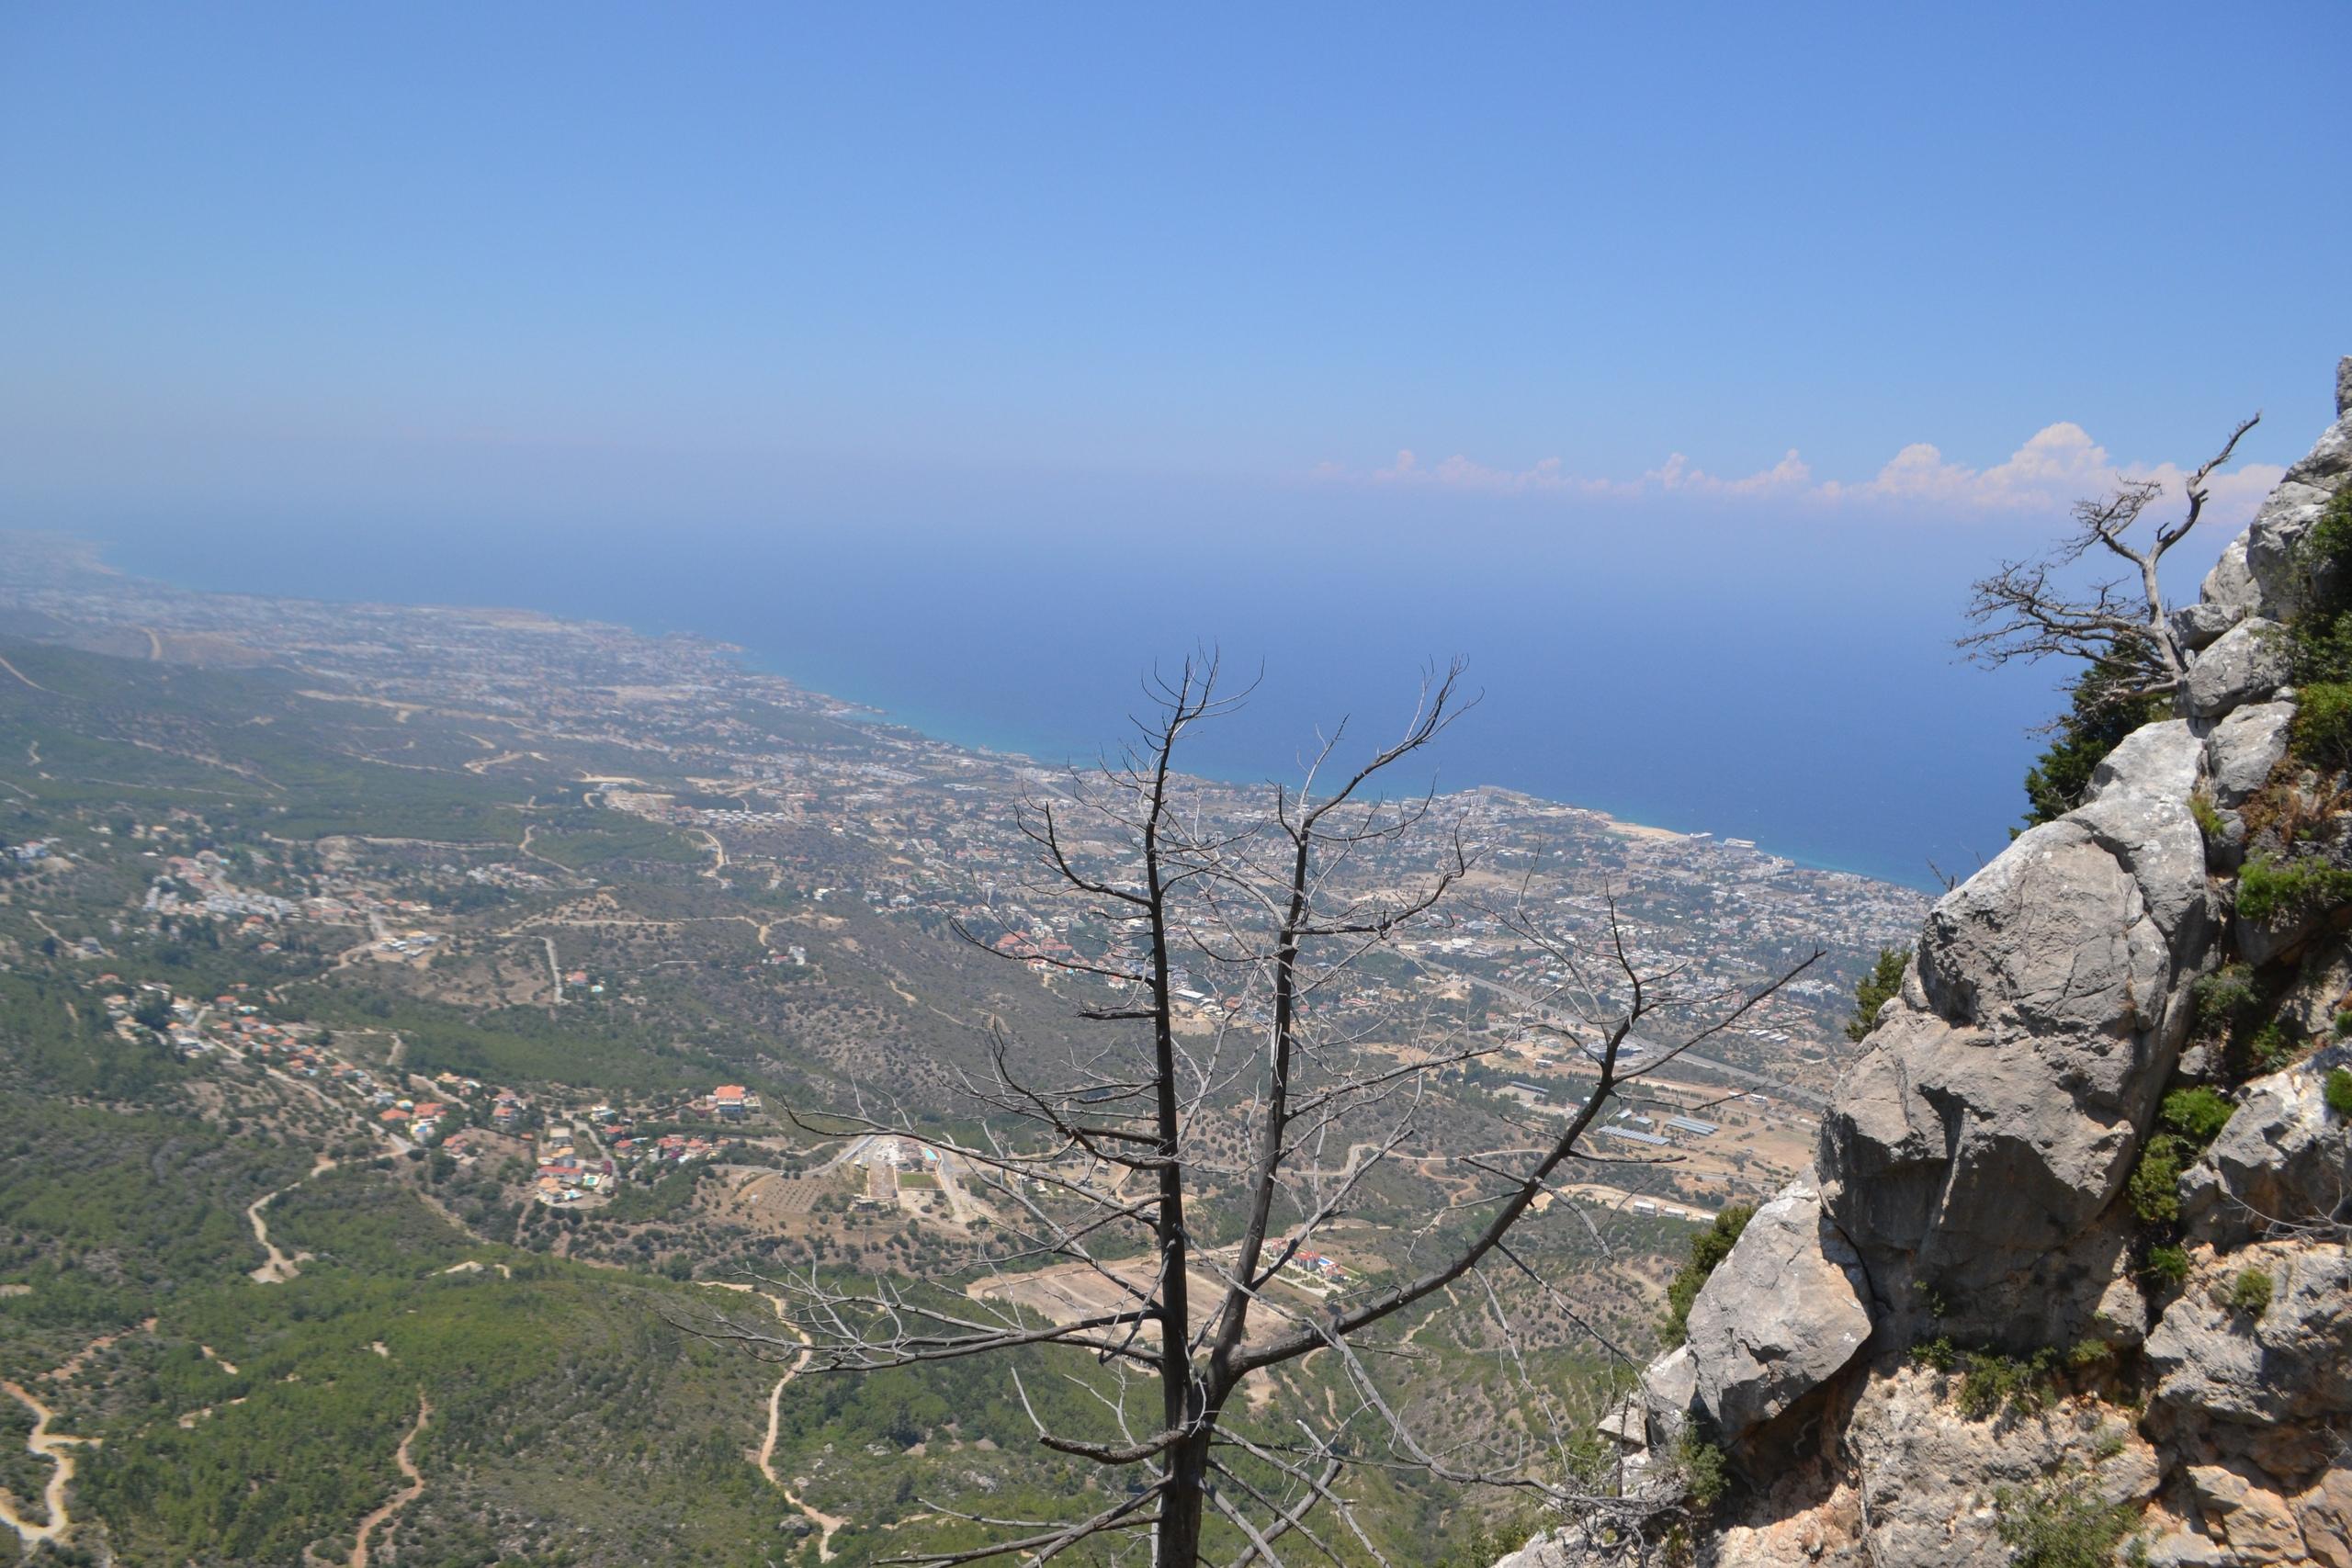 Северный Кипр. Замок Святого Иллариона. (фото). - Страница 3 KLD7sk050a4